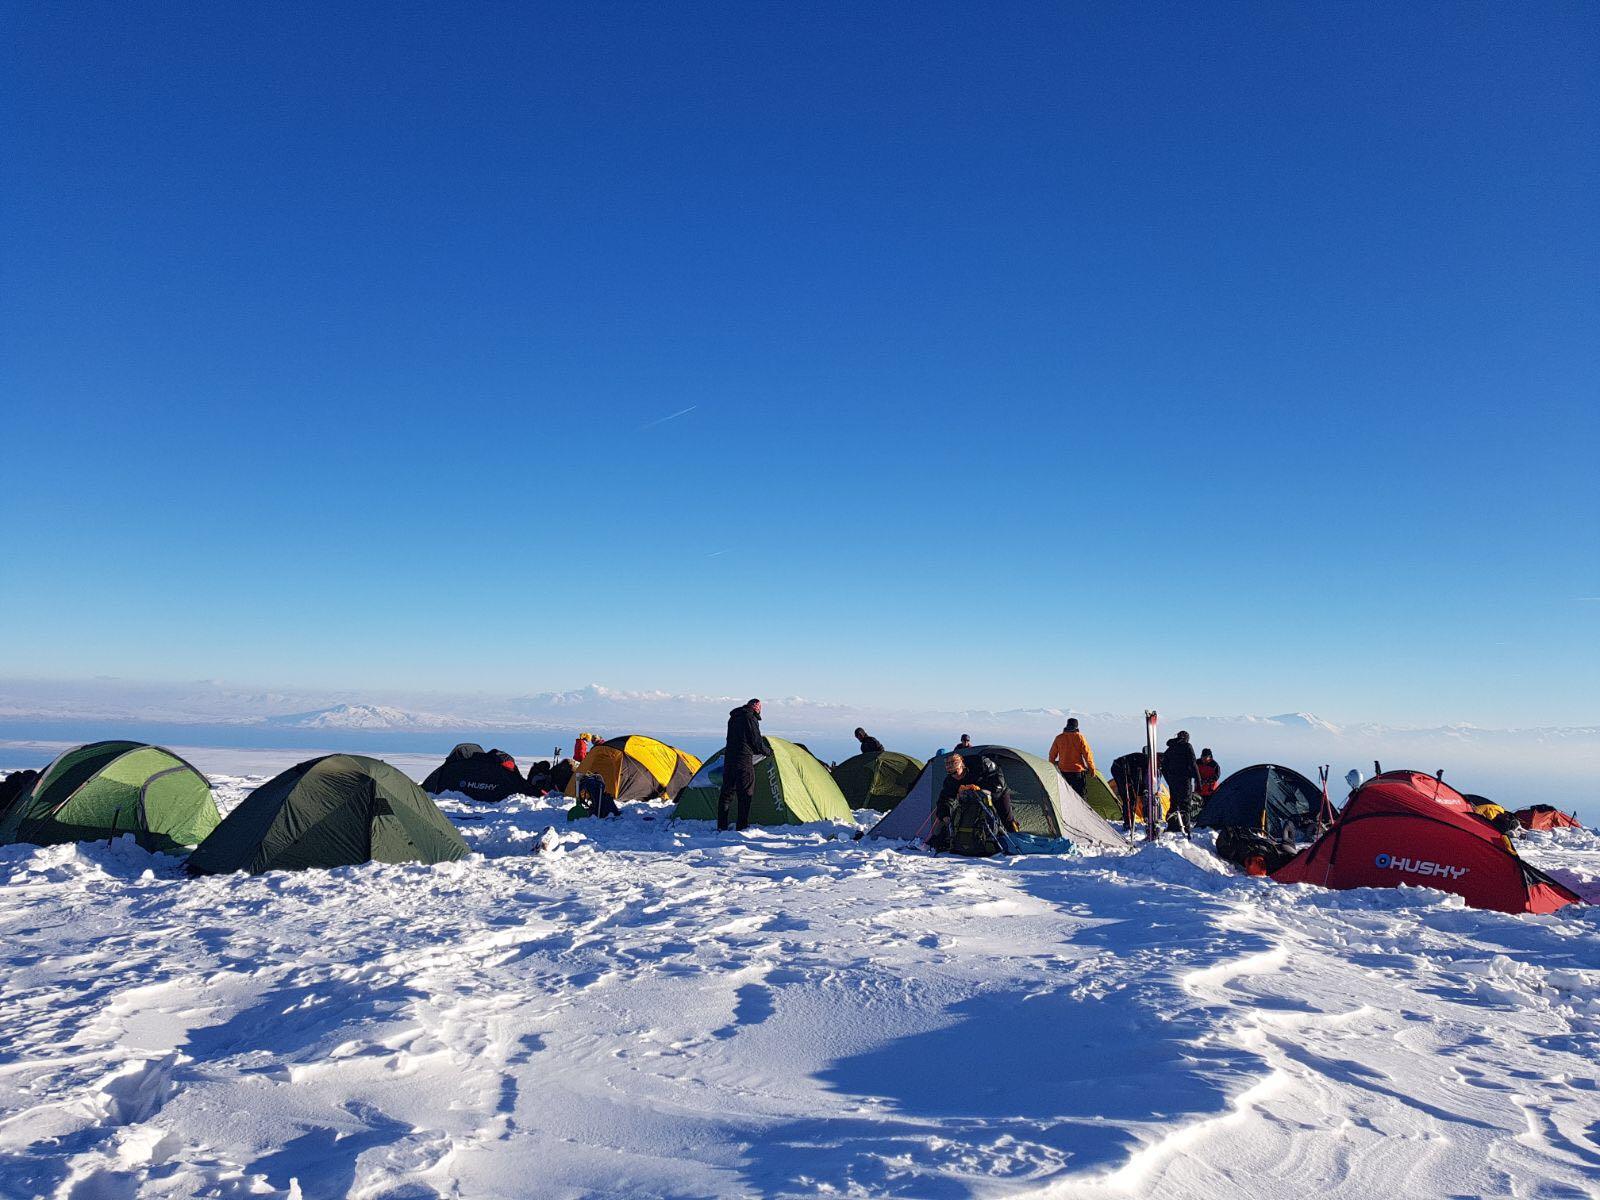 Süphan Dağı Kış Tırmanışı ve Dağ Kayağı Faaliyeti Katılımcı Listesi